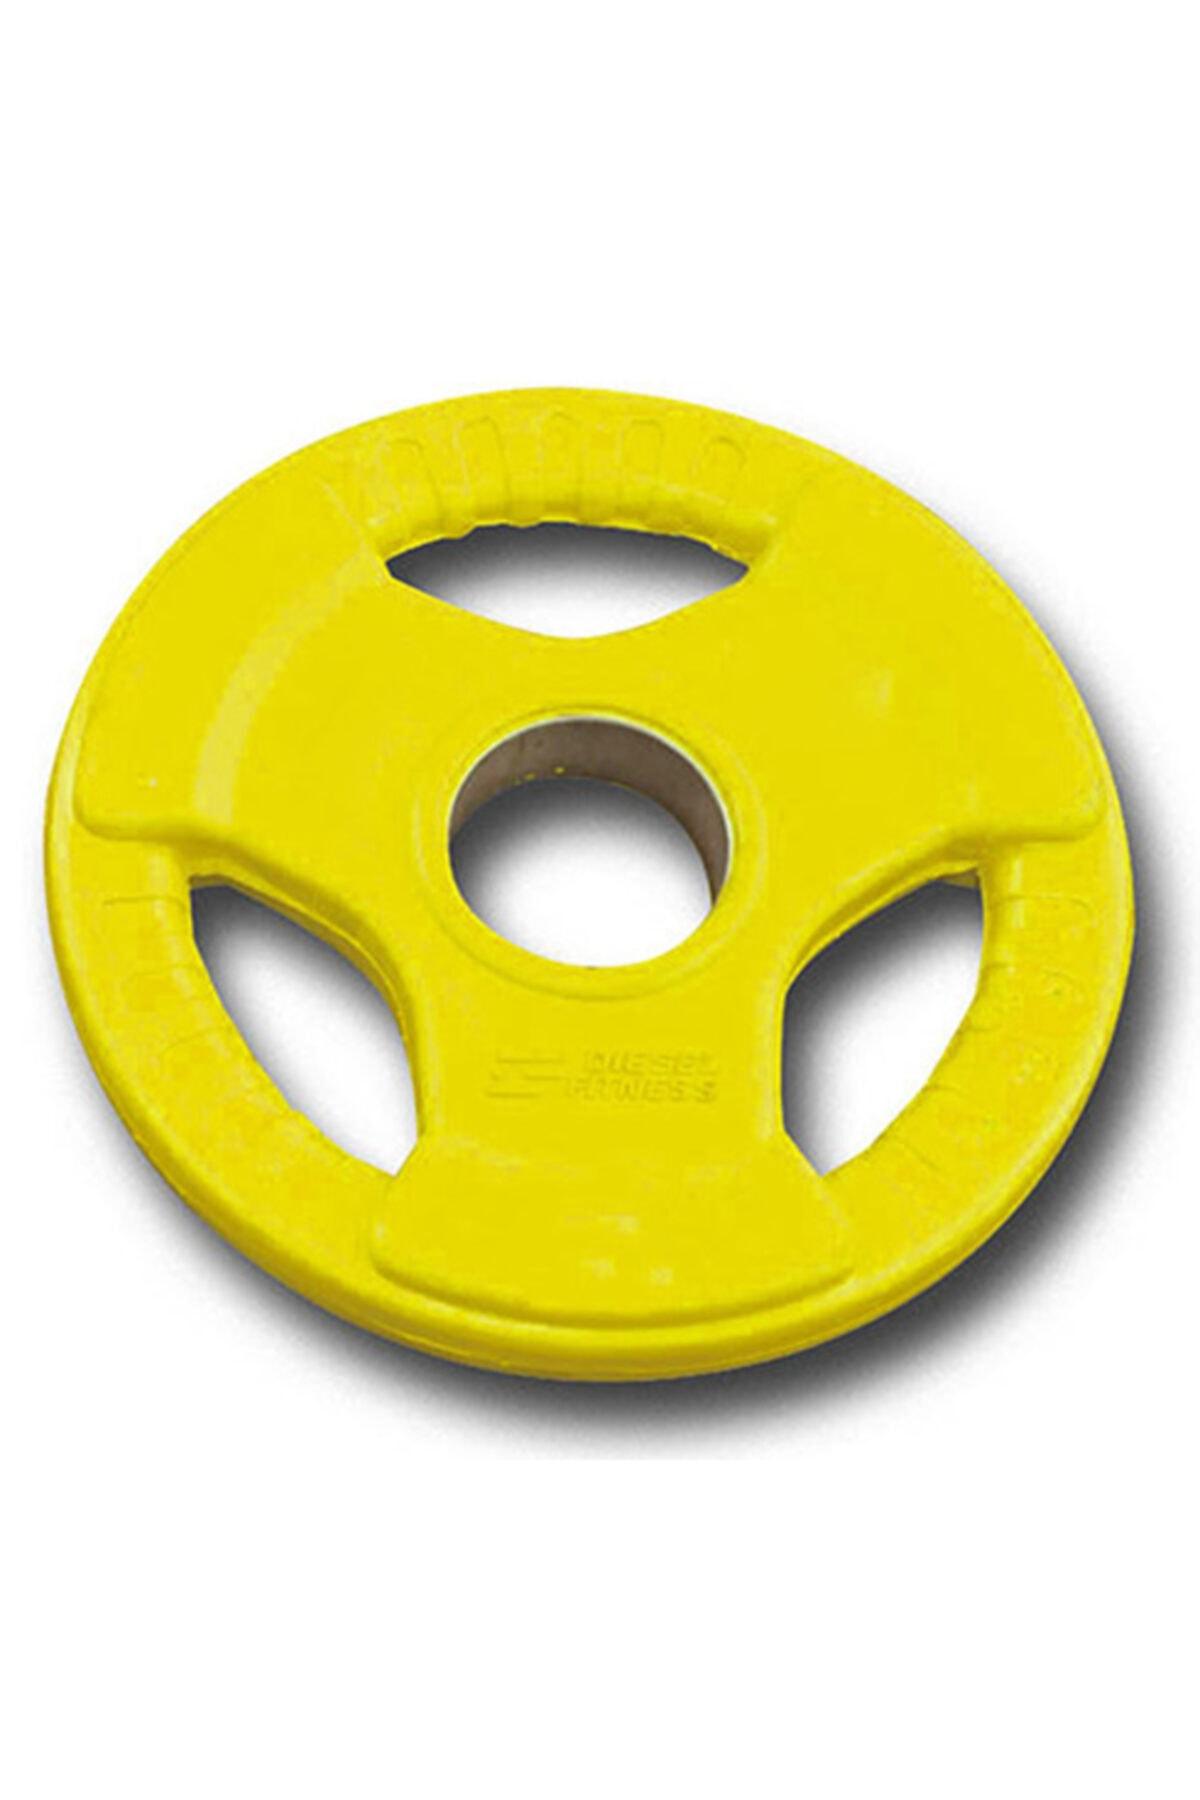 Diesel Rop 4 Olimpik Kauçuk Flanş 1,25kg Sarı 1